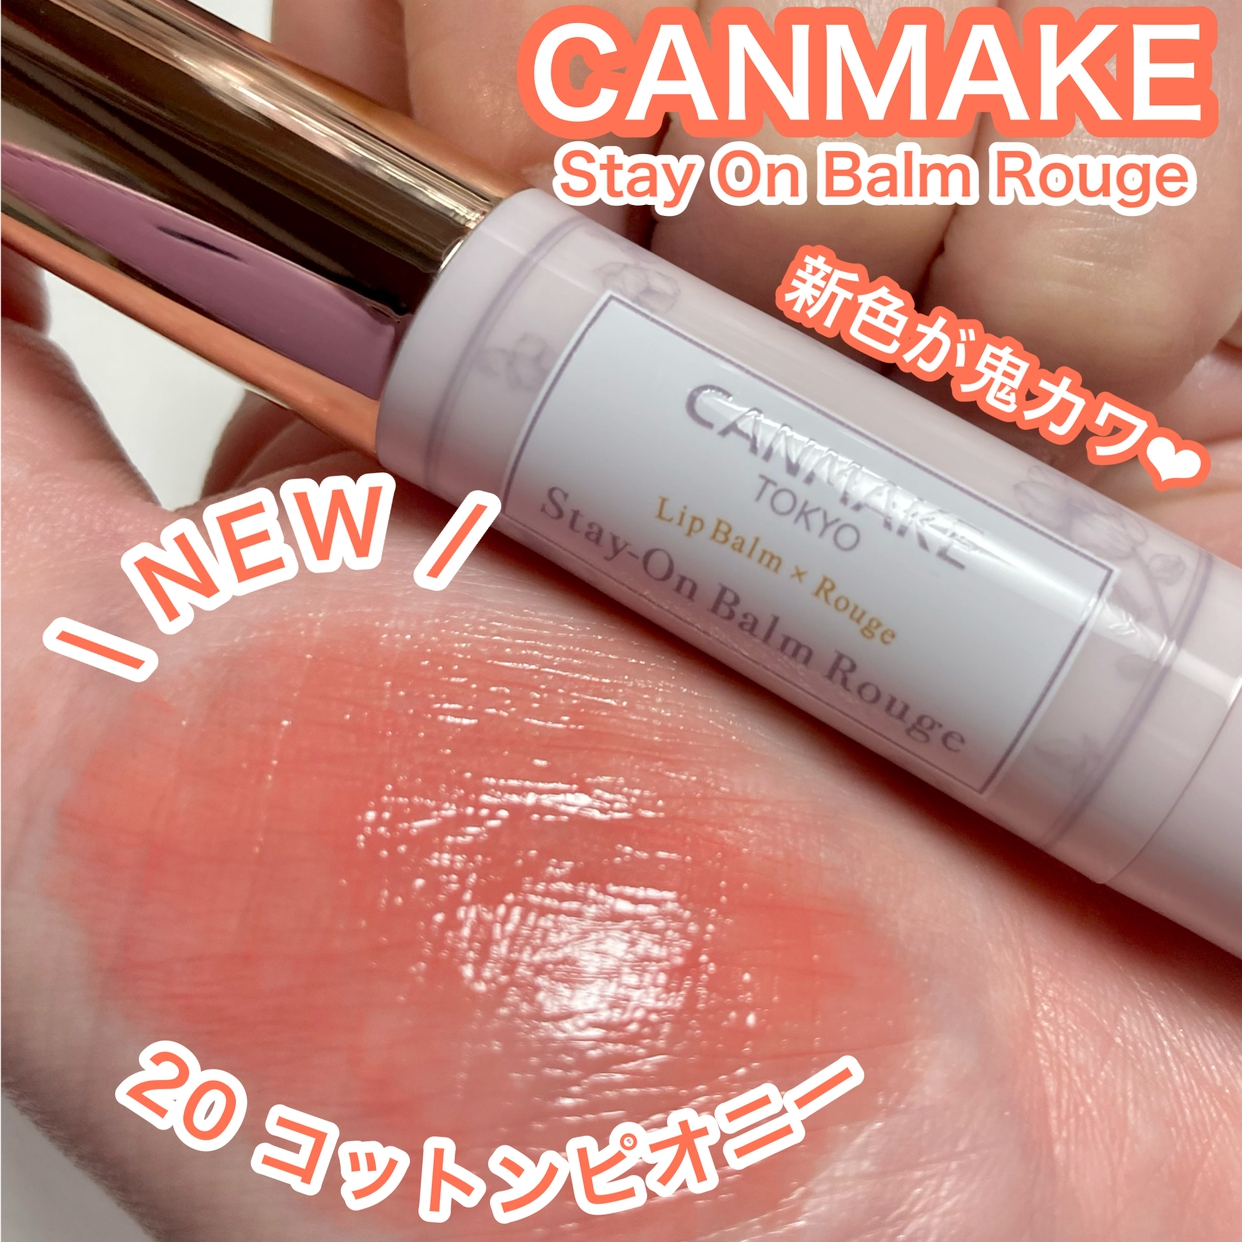 CANMAKE(キャンメイク)ステイオンバームルージュを使った ☆ふくすけ☆さんのクチコミ画像